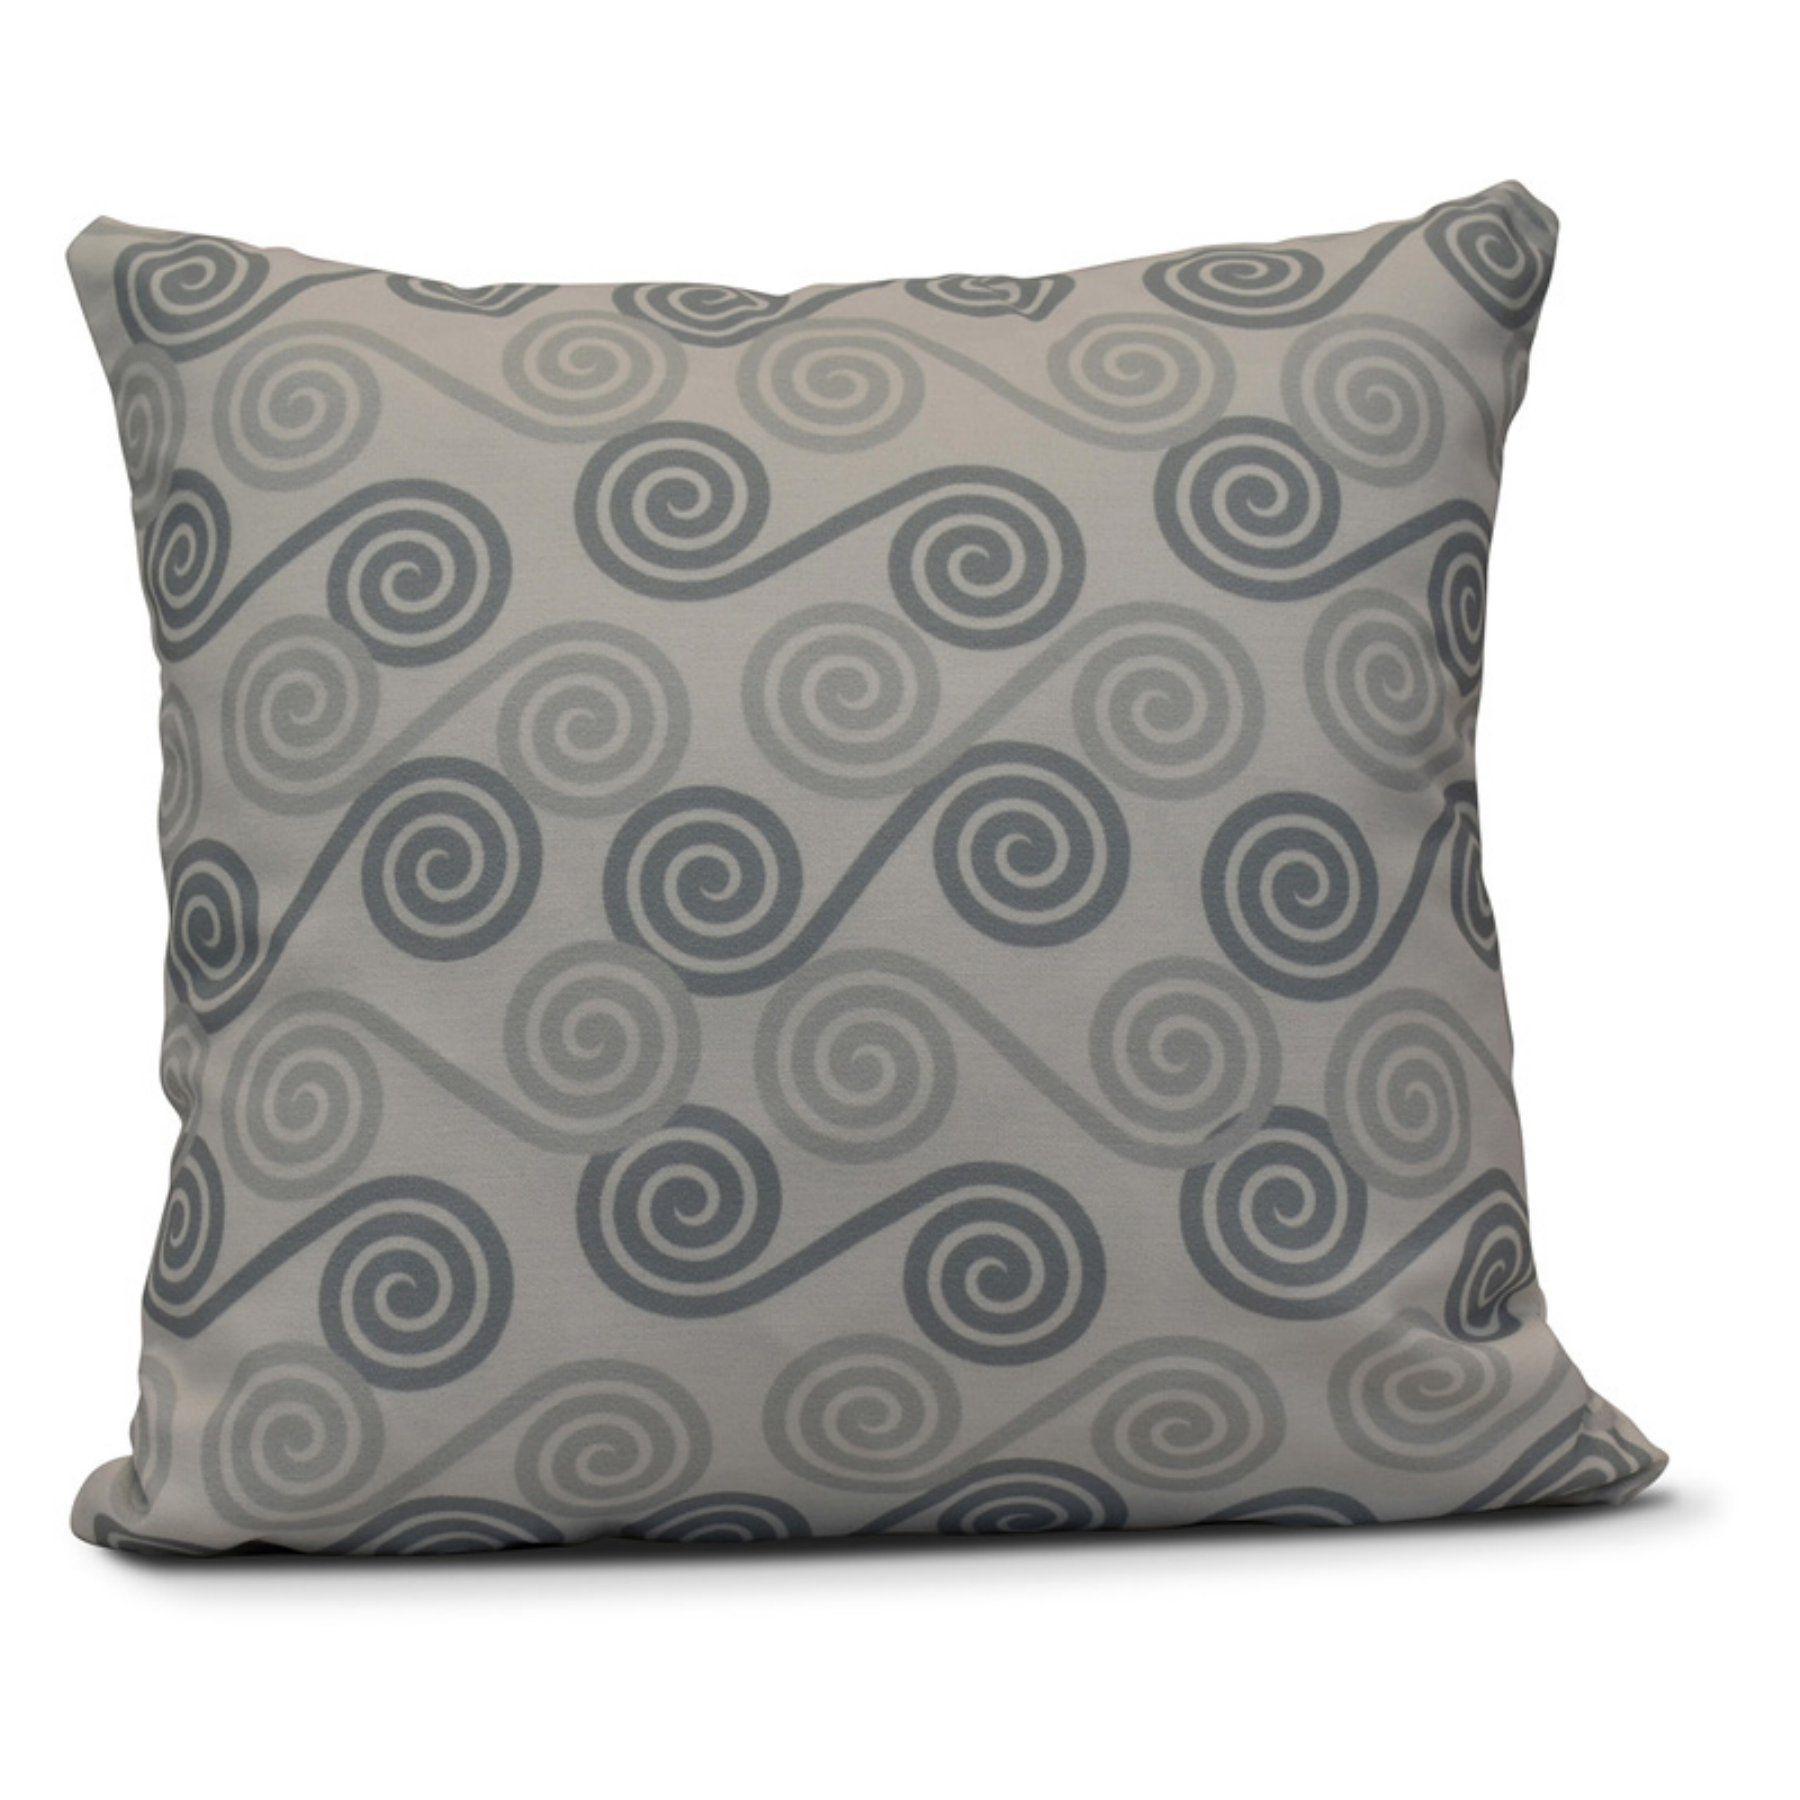 E by Design Rip Curl Outdoor Throw Pillow Outdoor throw